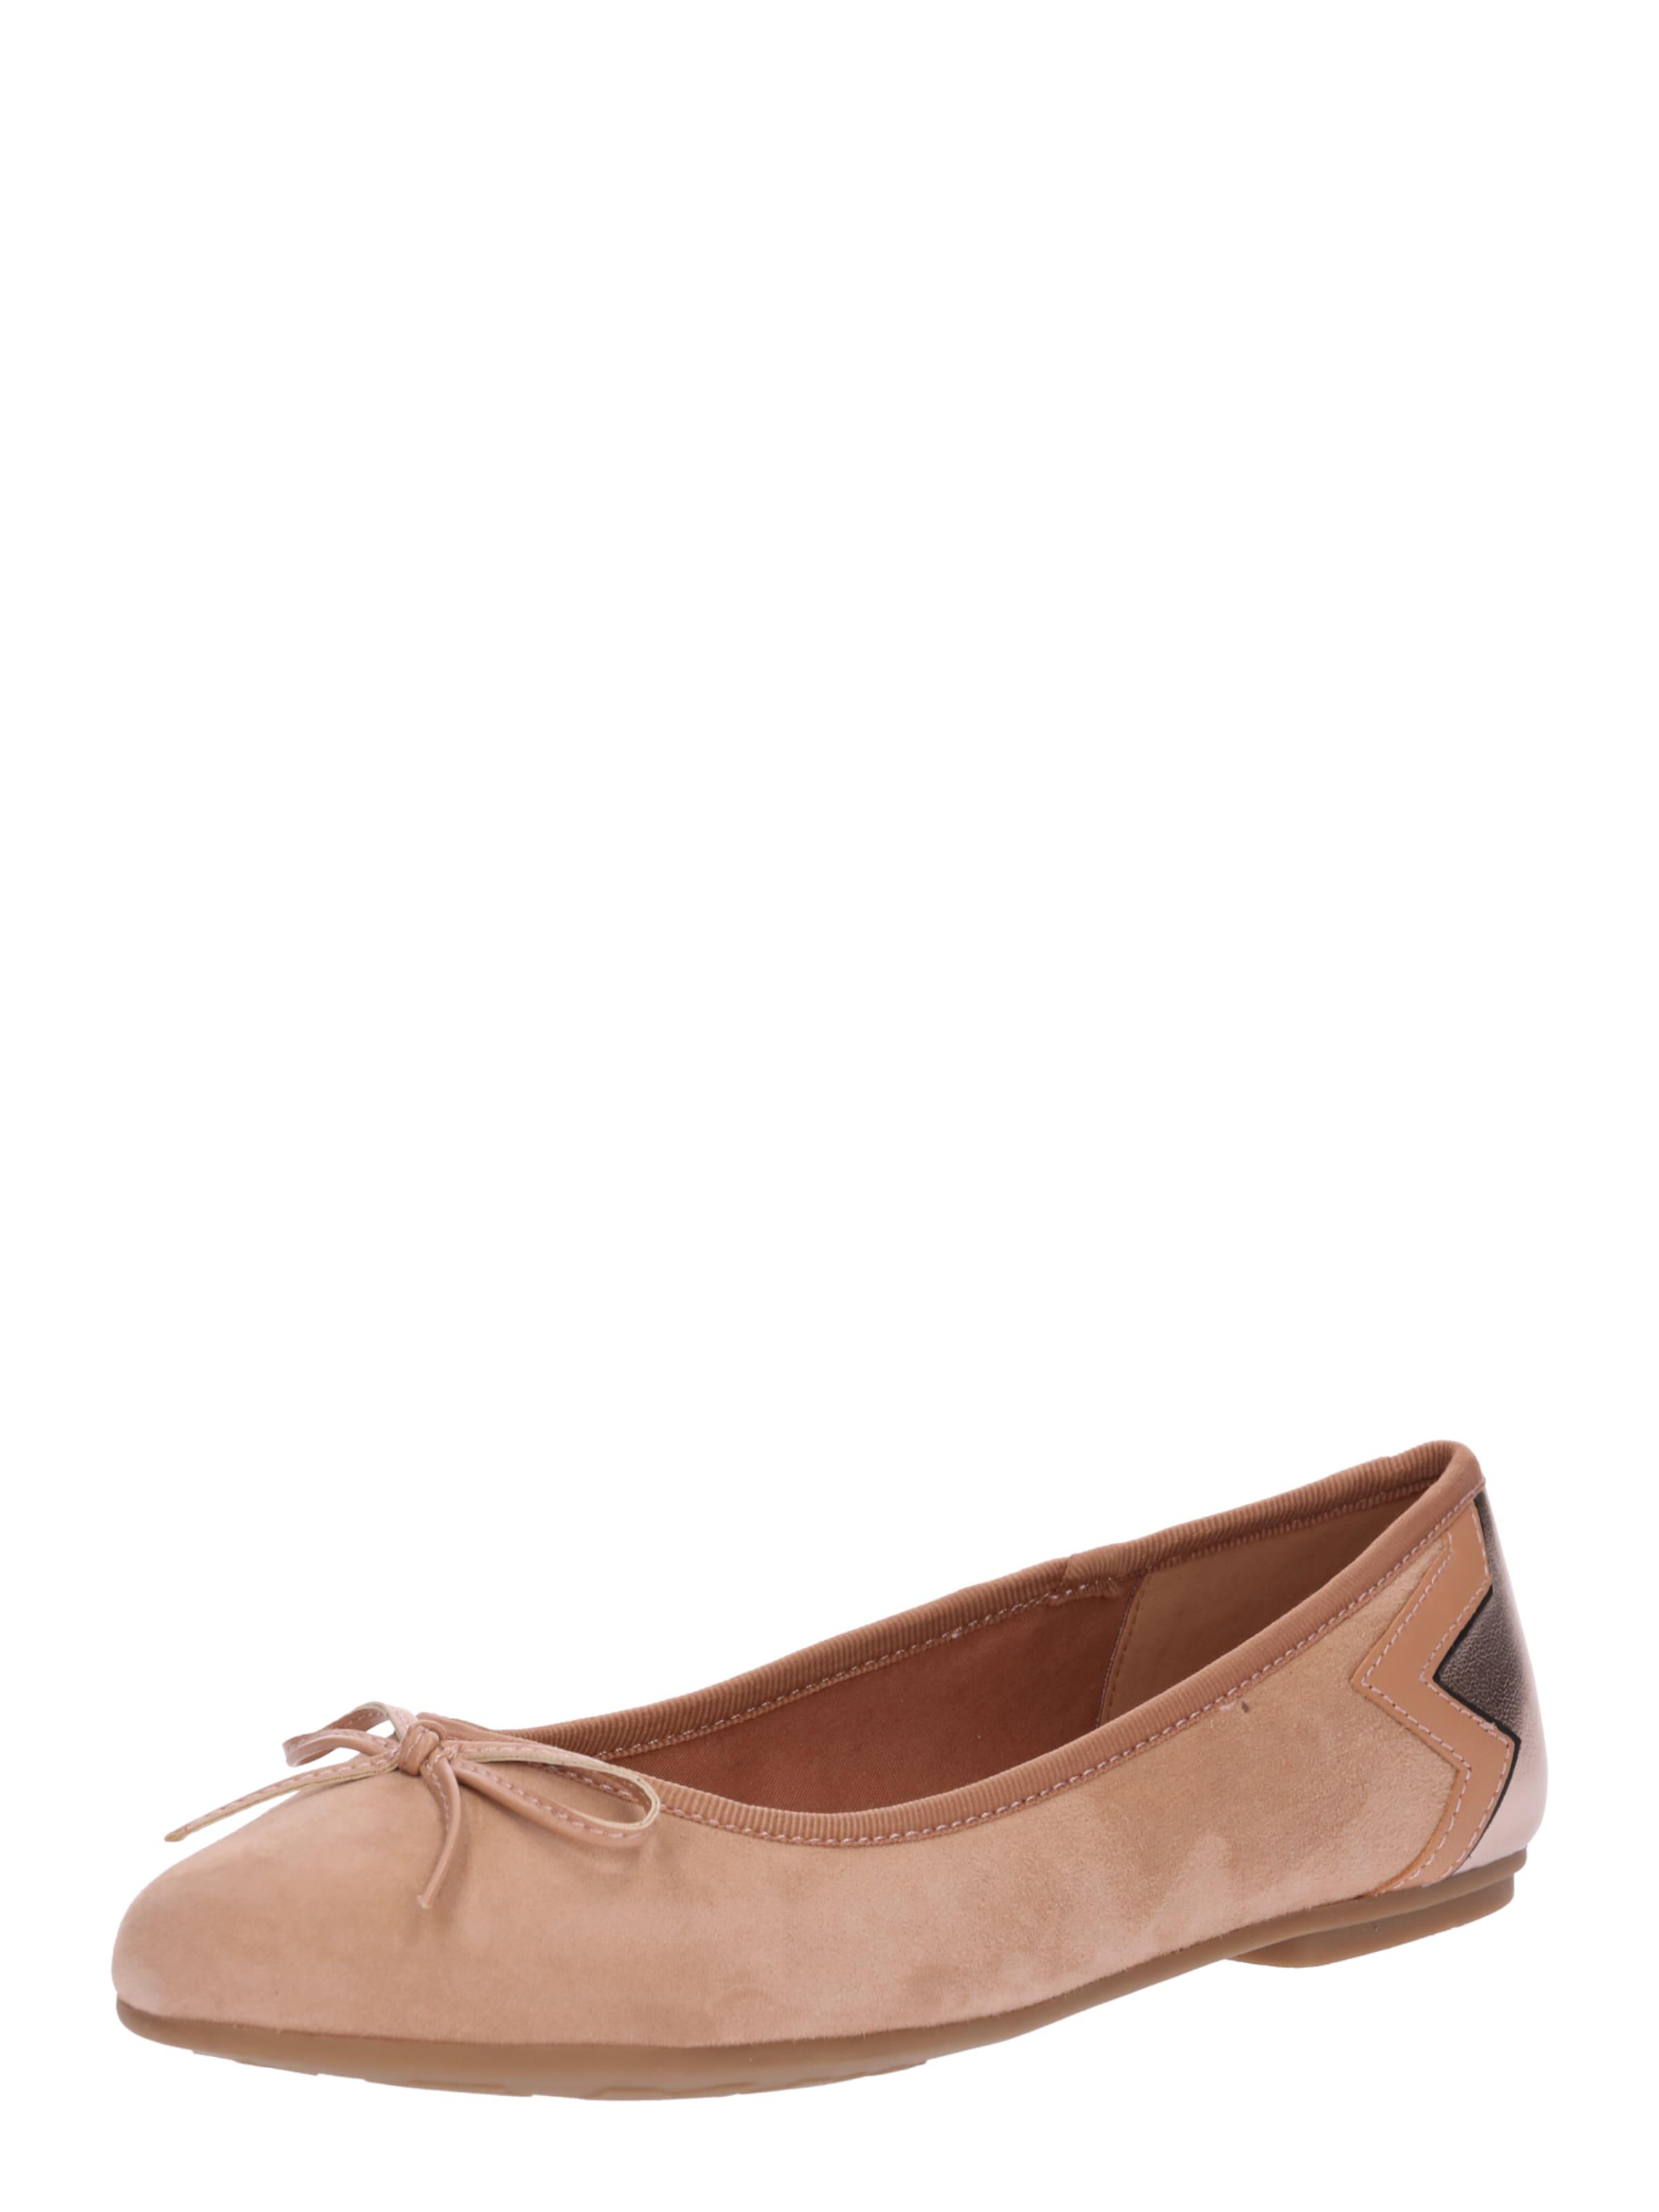 TOMMY HILFIGER Leder-Ballerina Verschleißfeste billige Schuhe